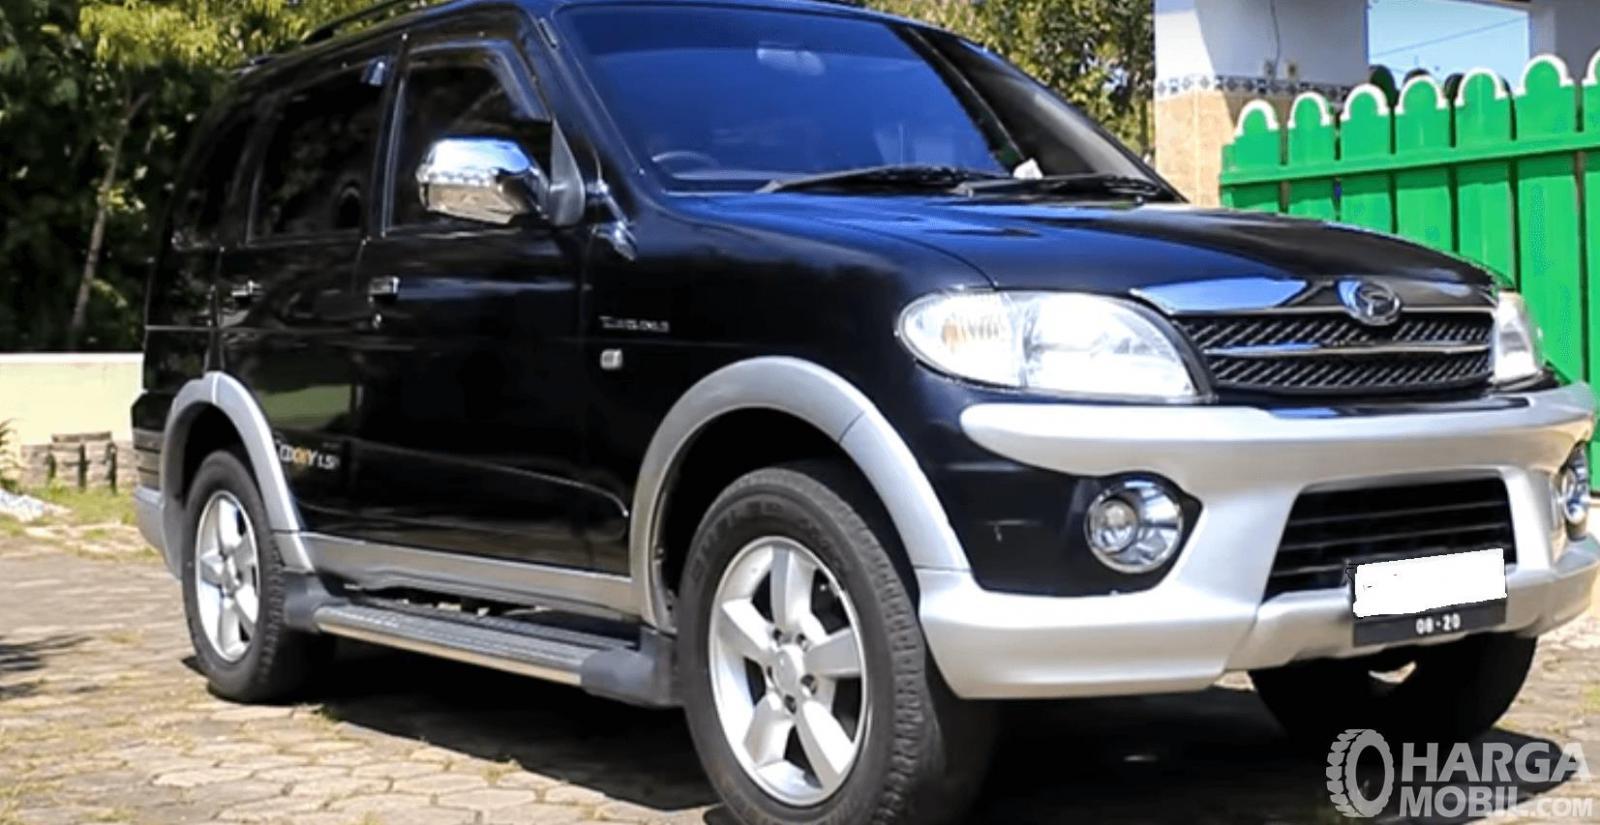 Review Daihatsu Taruna 2005, Mobil Bekas Tetap Beken Perawatan Mudah